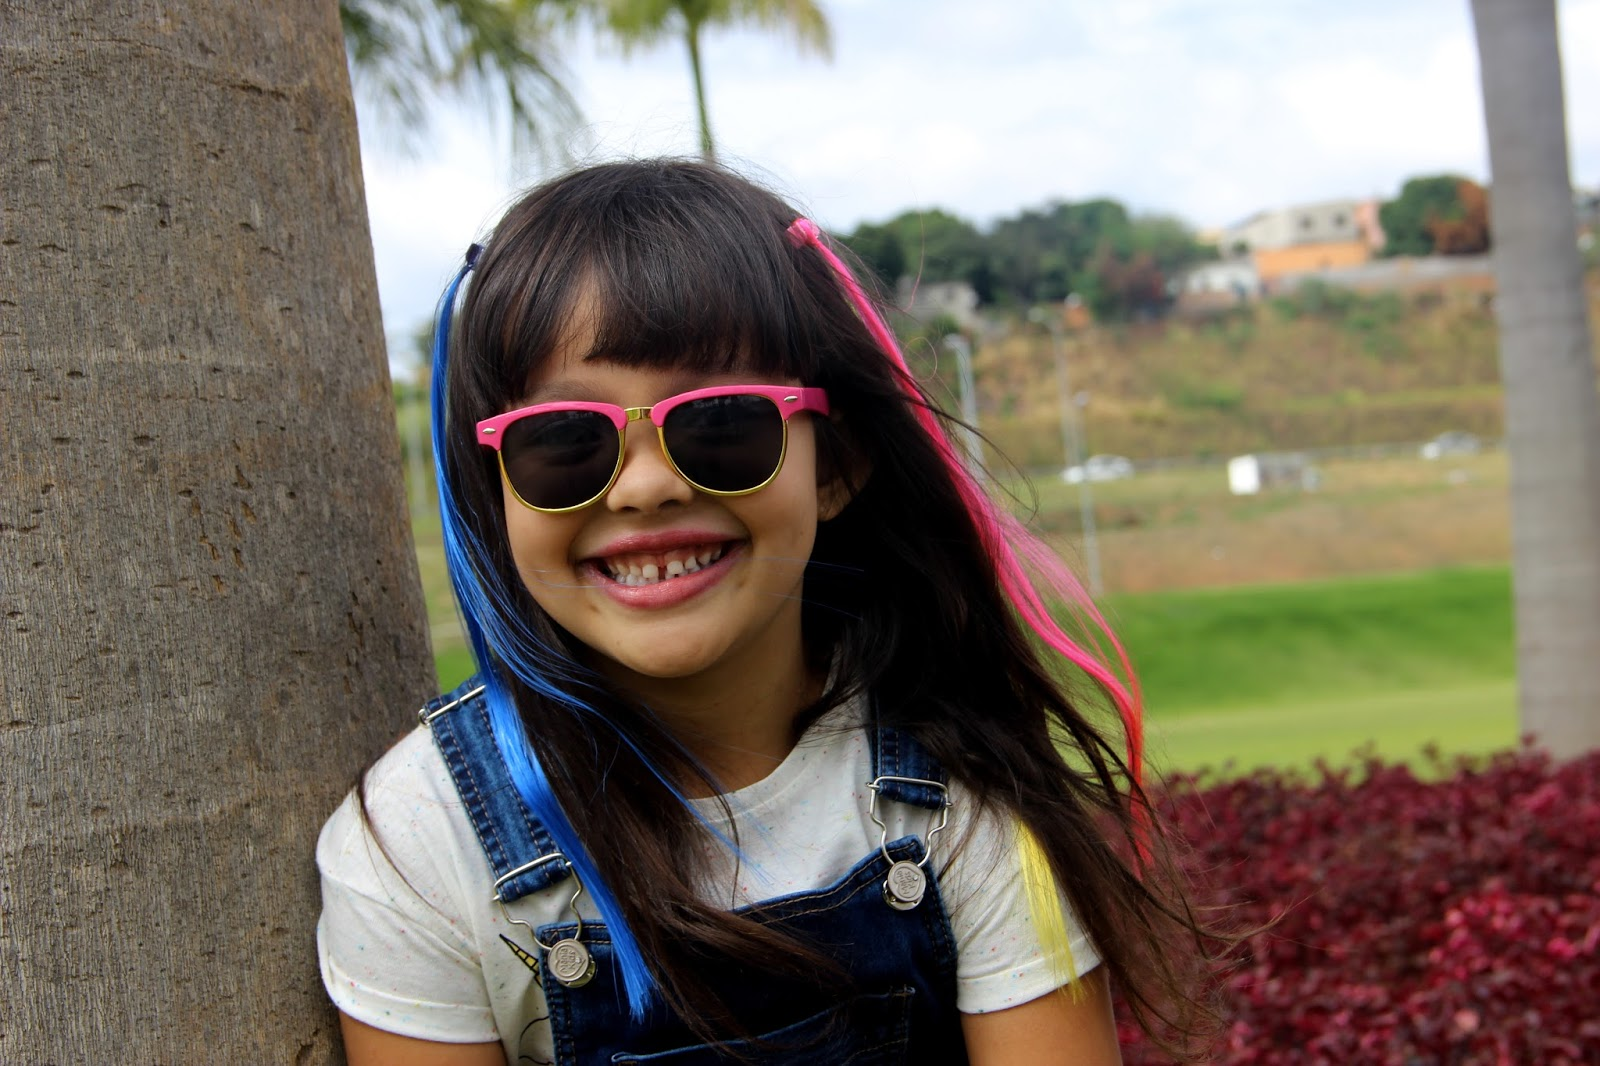 fada556c7 Blog da Lilian Brito  Look da Rafa  Jardineira Jeans Mania kids